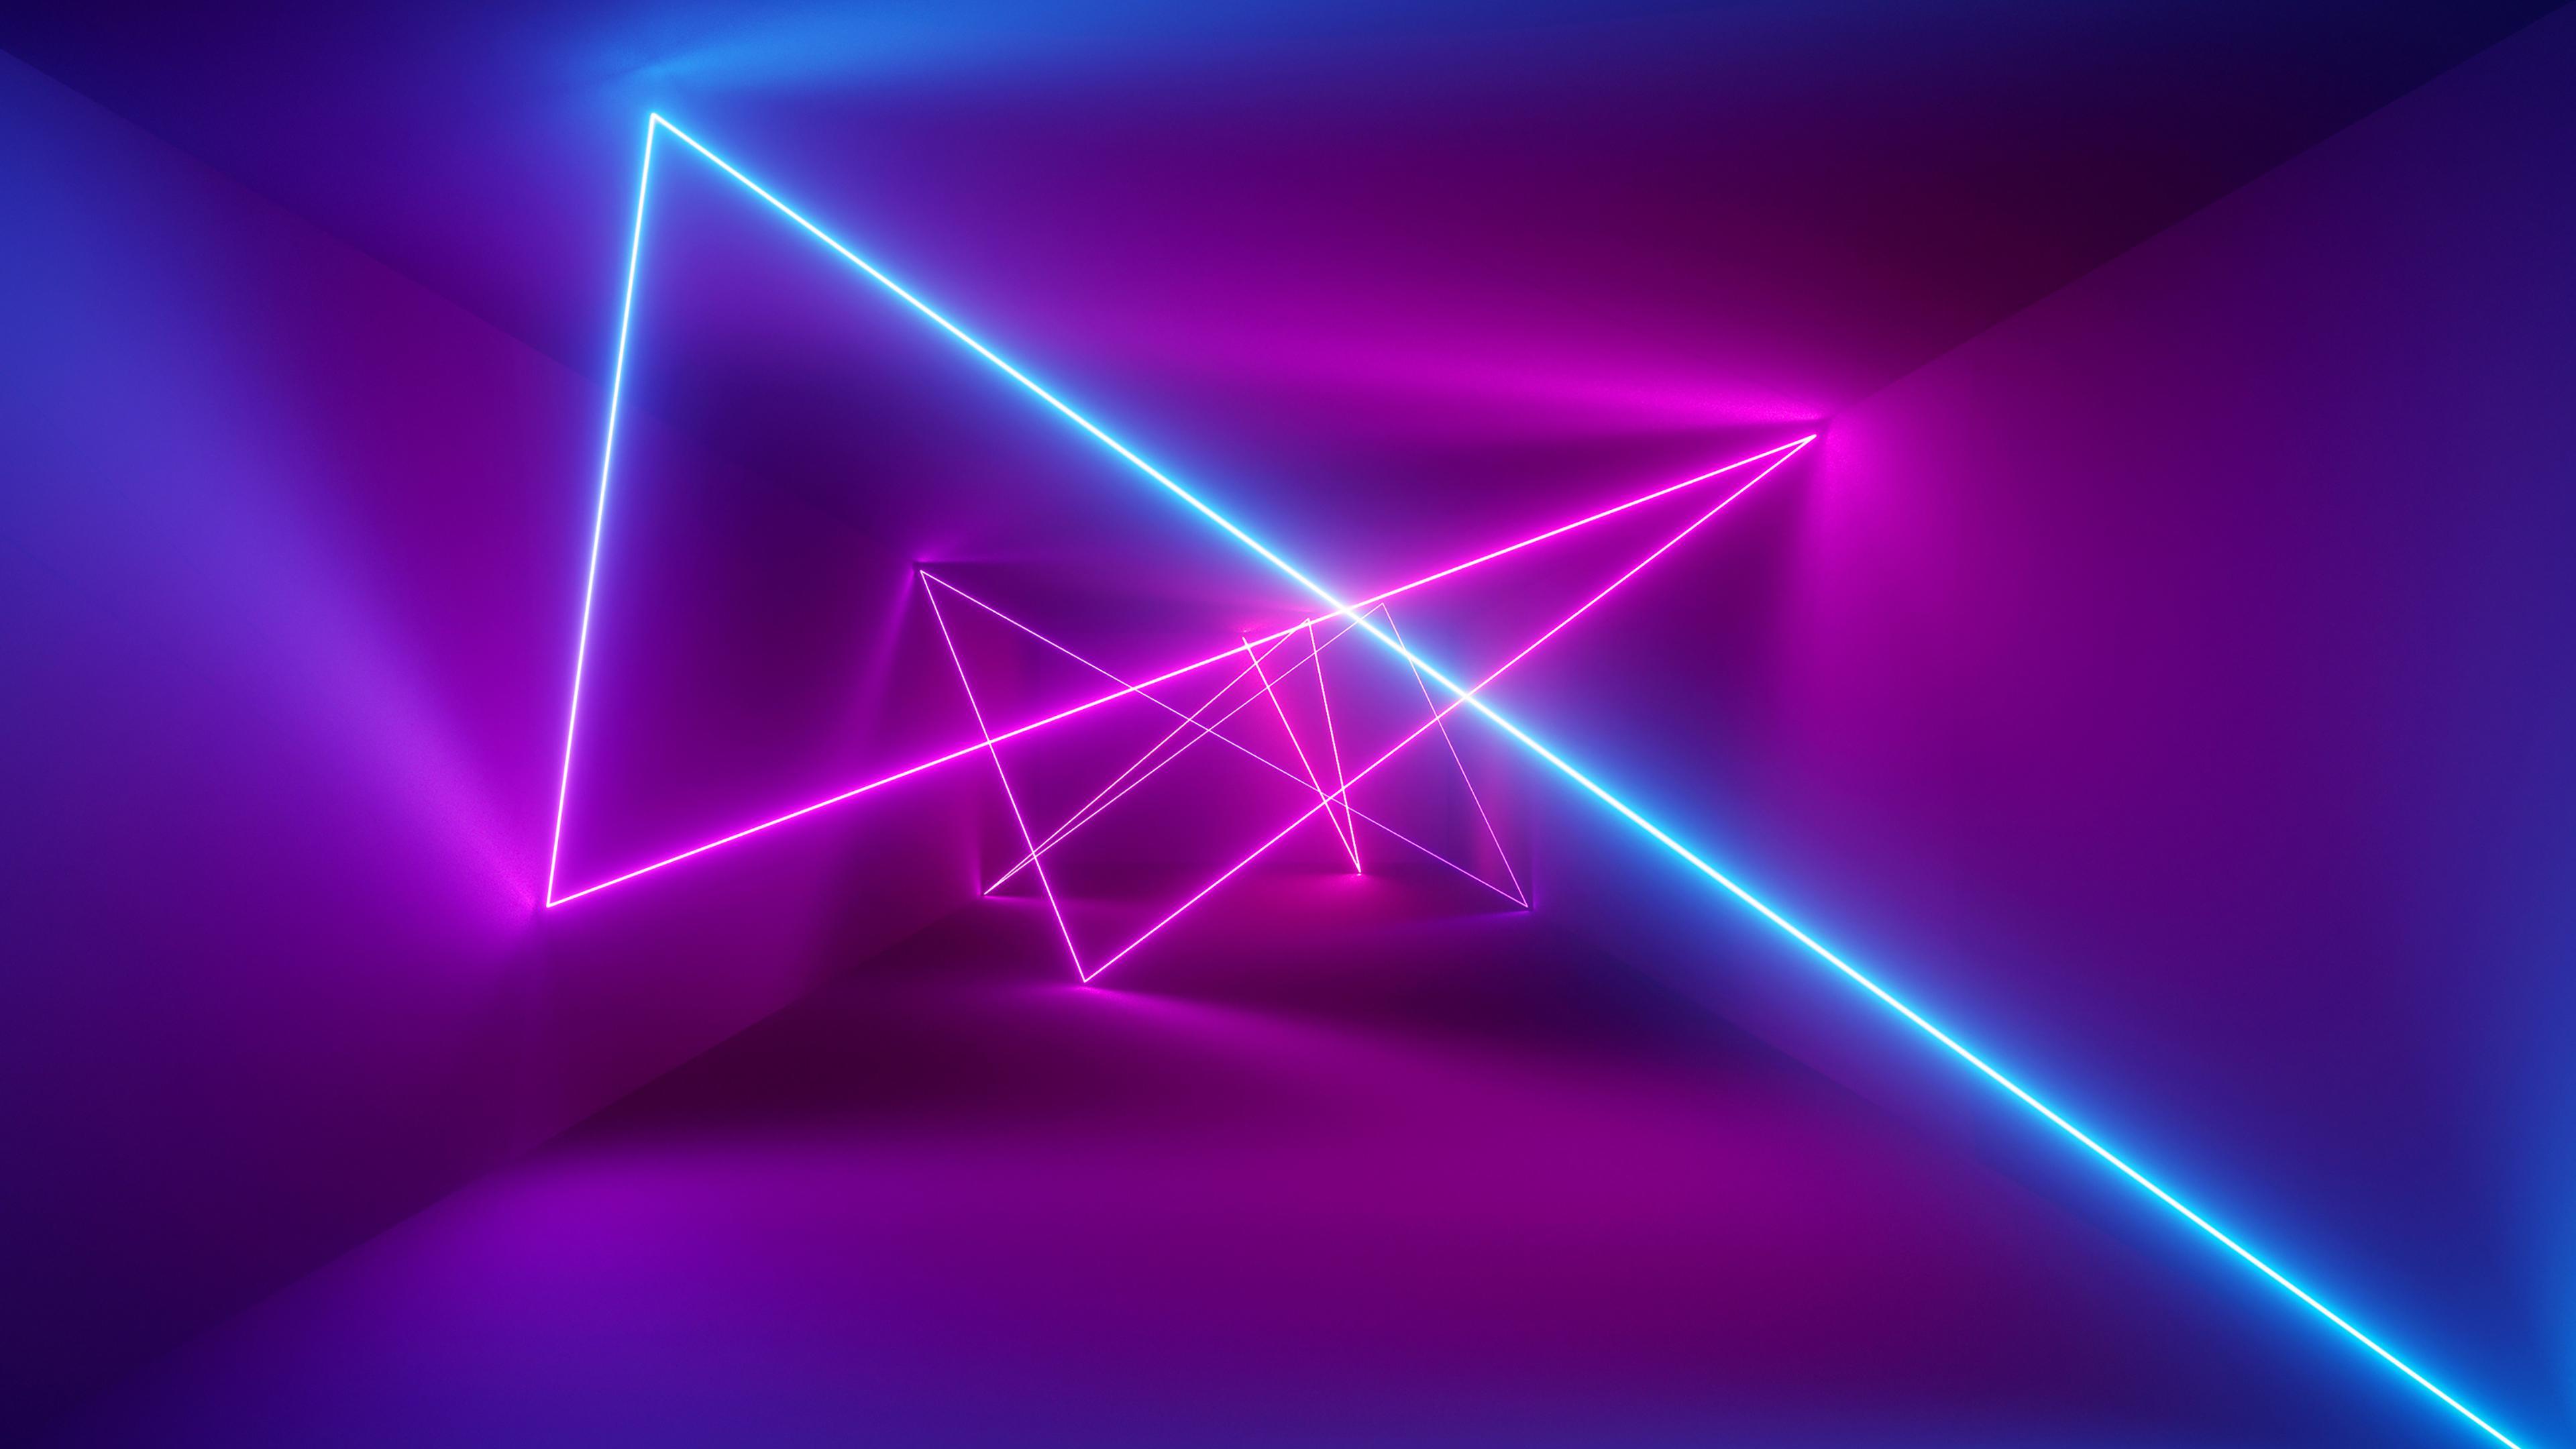 neon. wallpaper